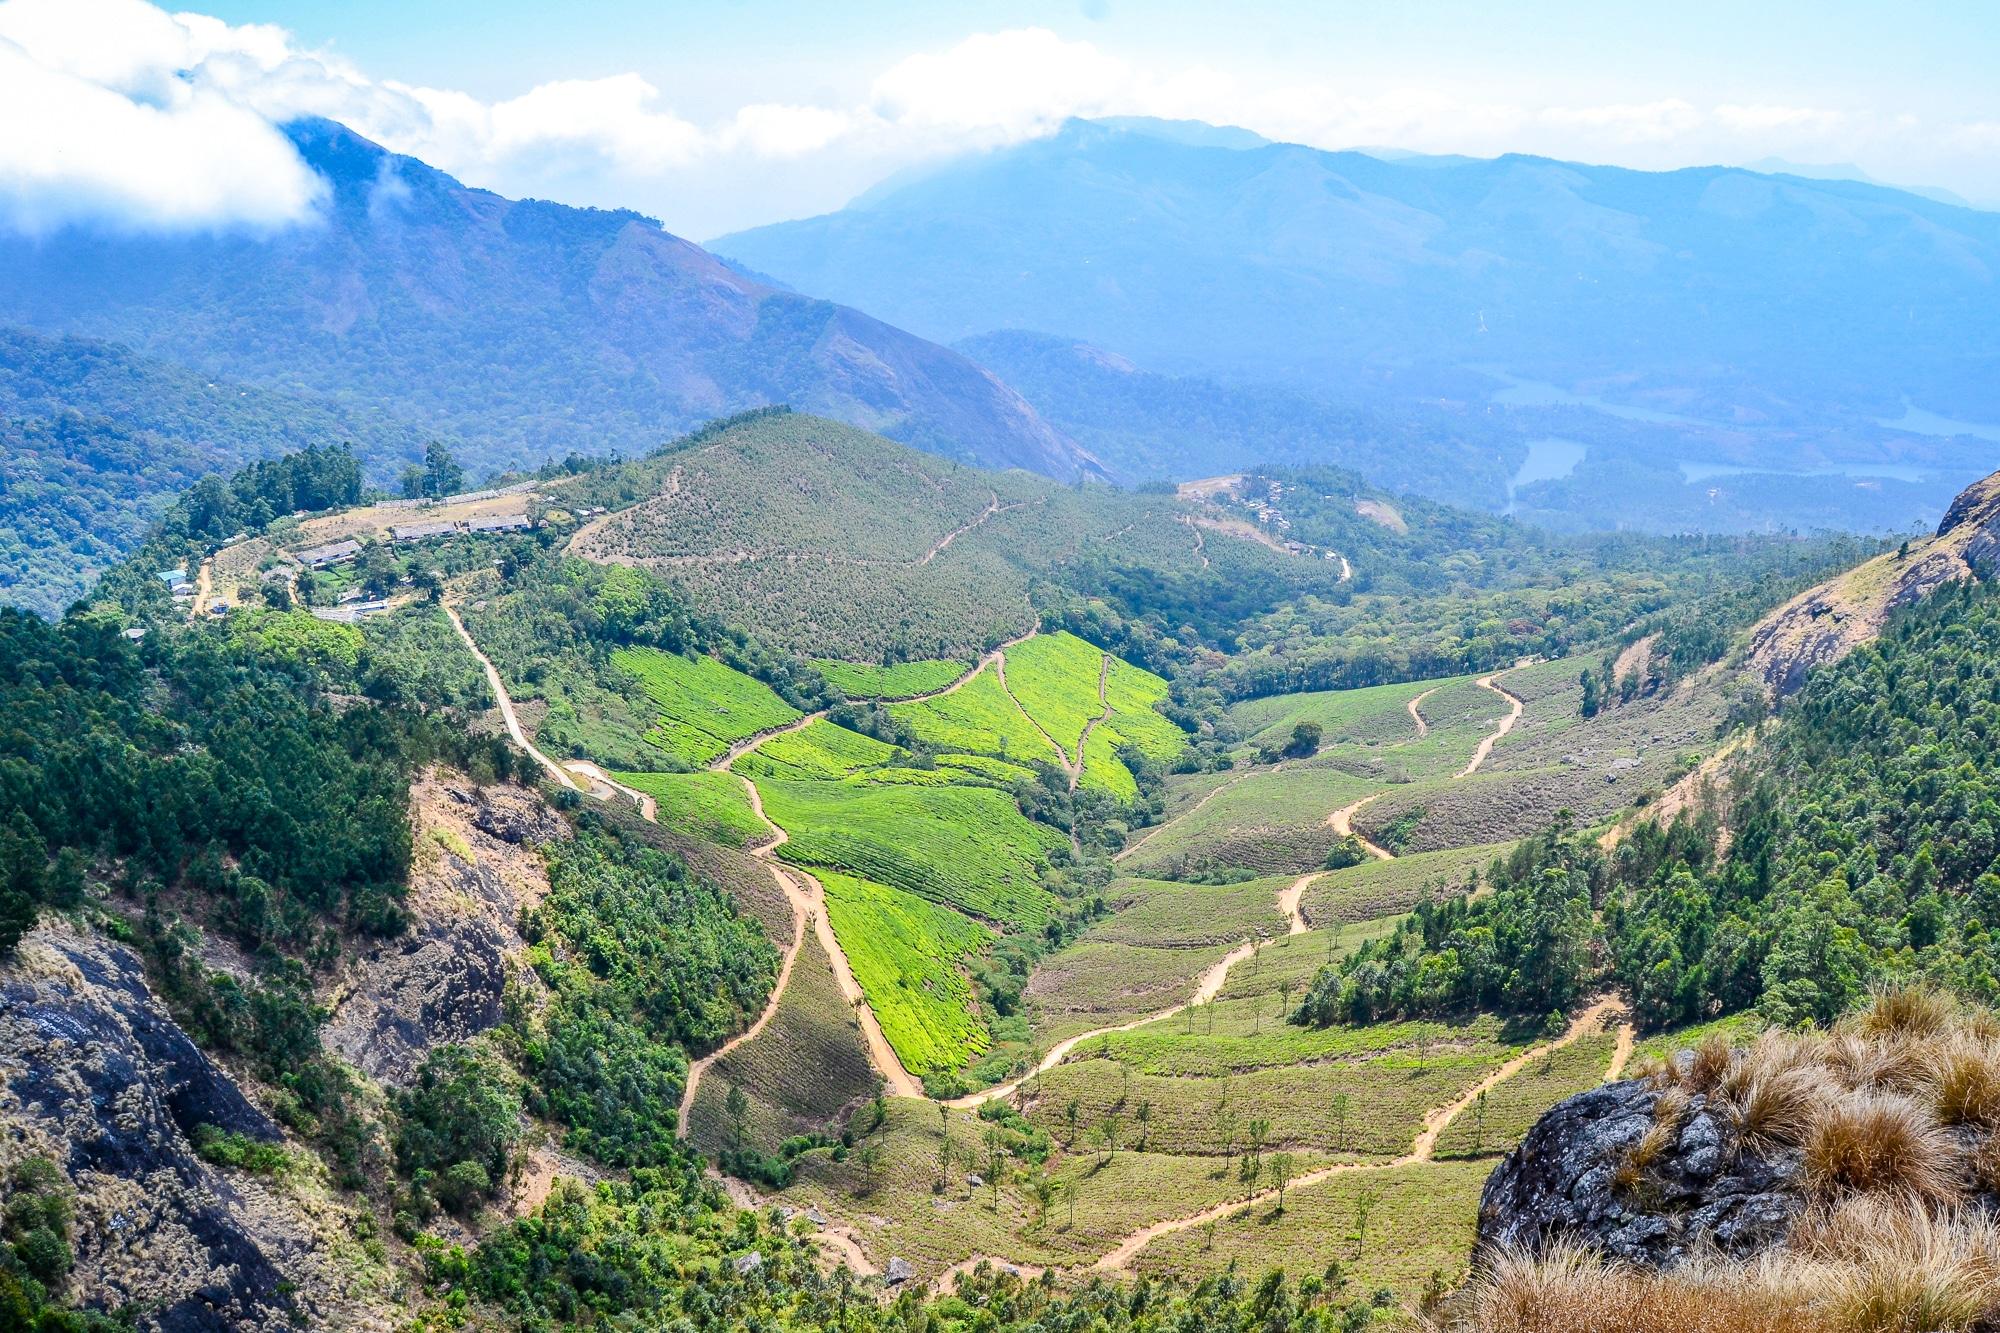 Kerala: Sehenswürdigkeiten, Kultur und Kulinarik im südlichen Indien - Wandern in den Western Ghats Mountains